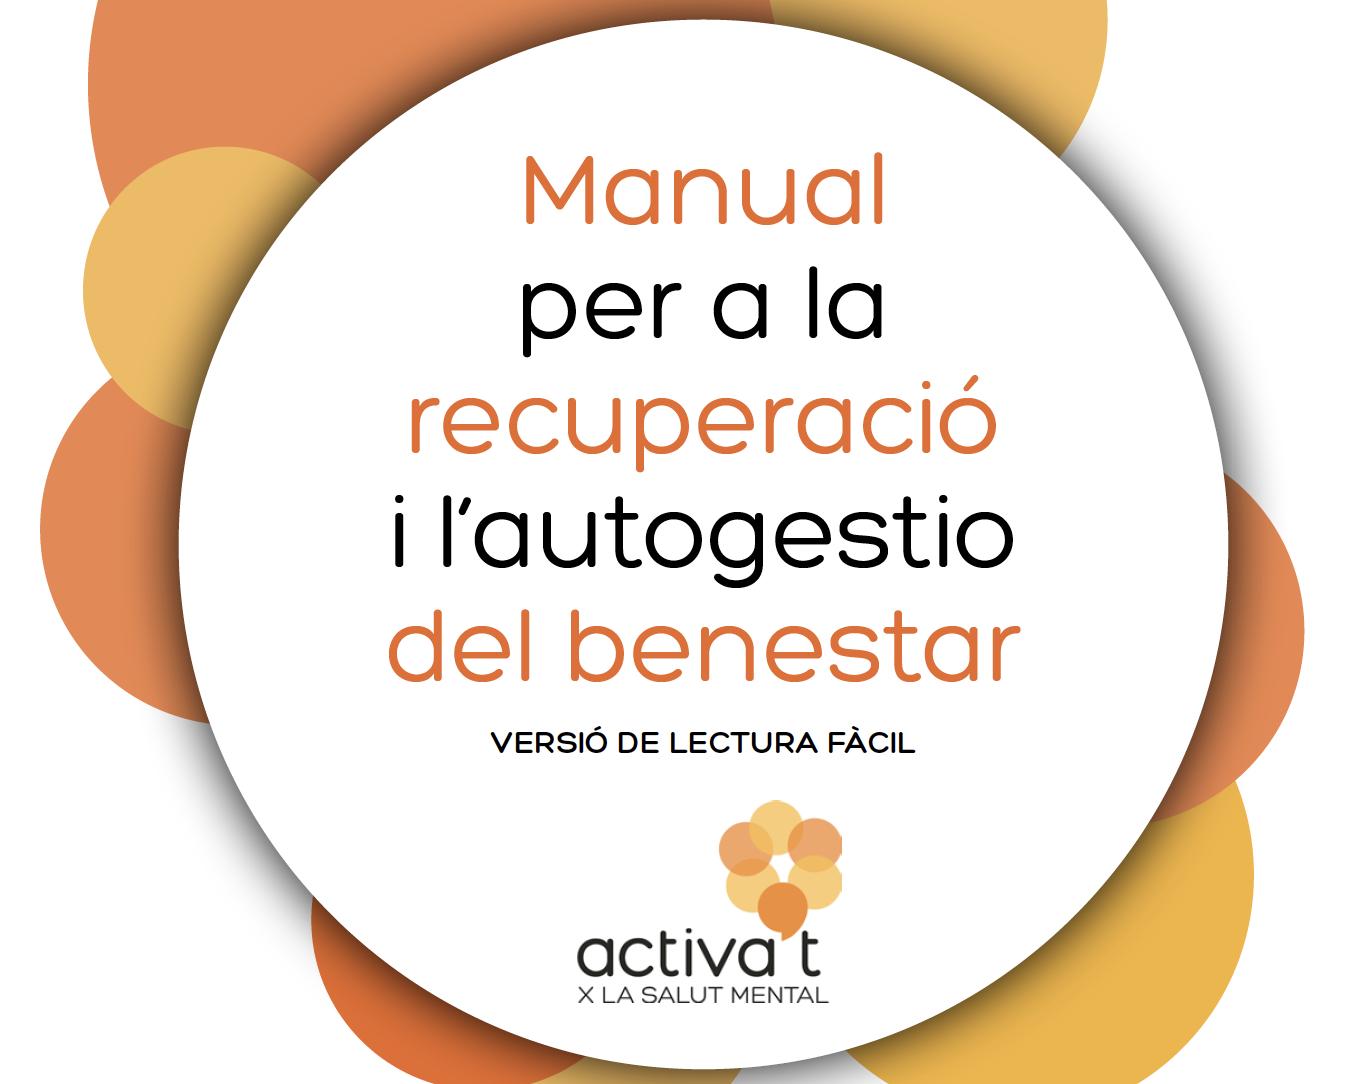 Manual per a la Recuperació i l'Autogestió del Benestar (Versió Lectura Fàcil)